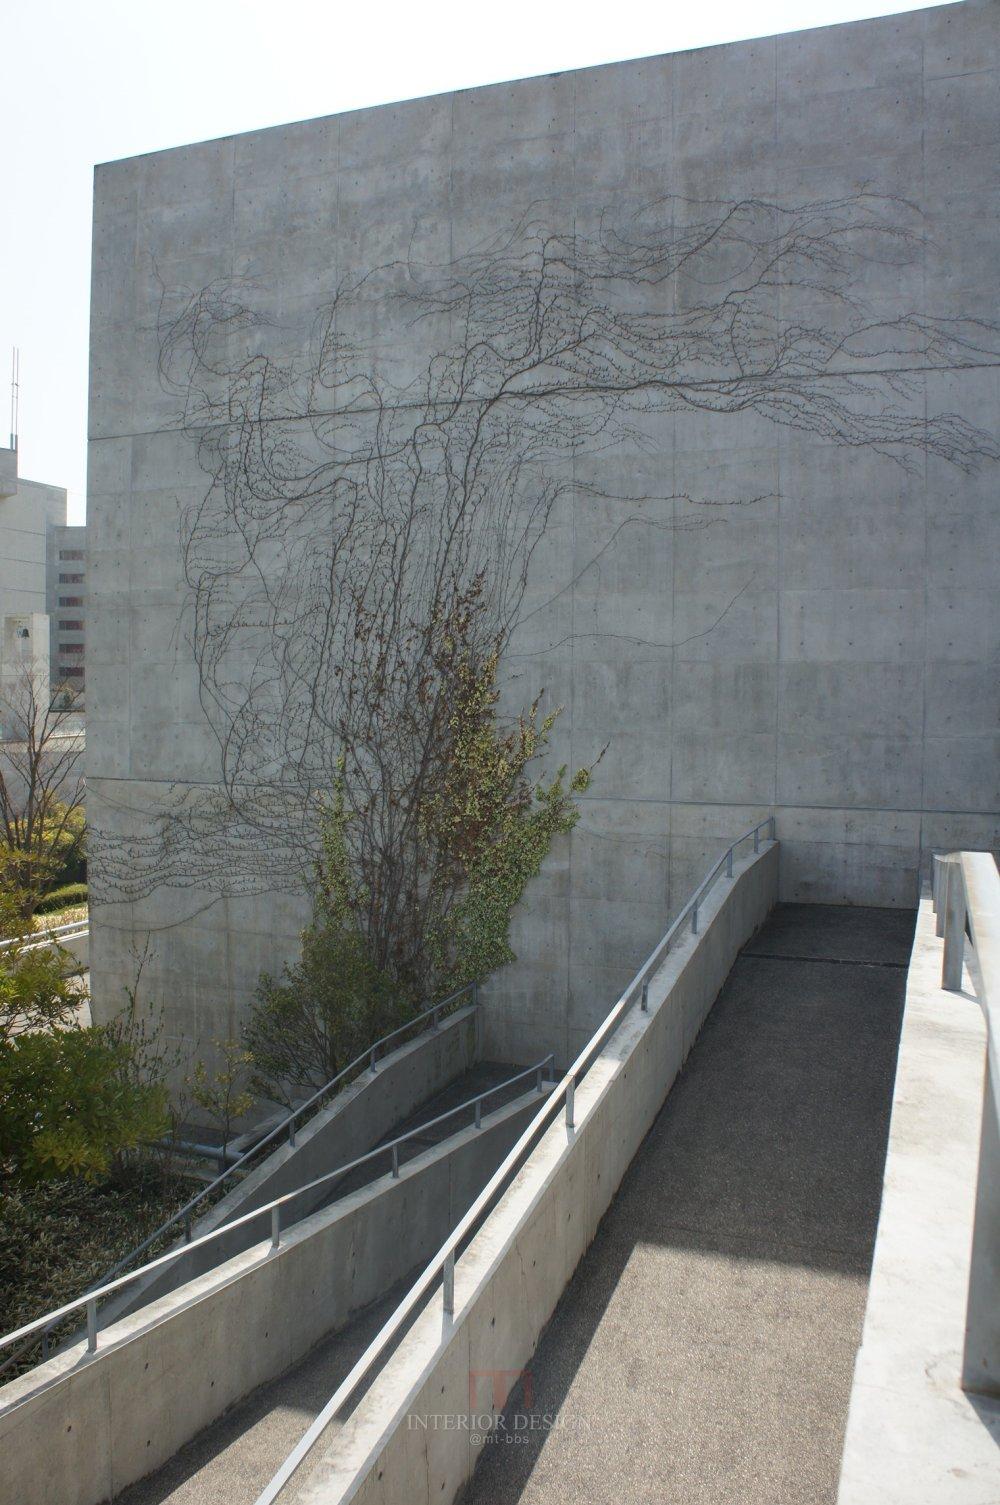 #伙伴一起看日本#  日本设计考察分享(更新美秀美术馆)_DSC05798.JPG